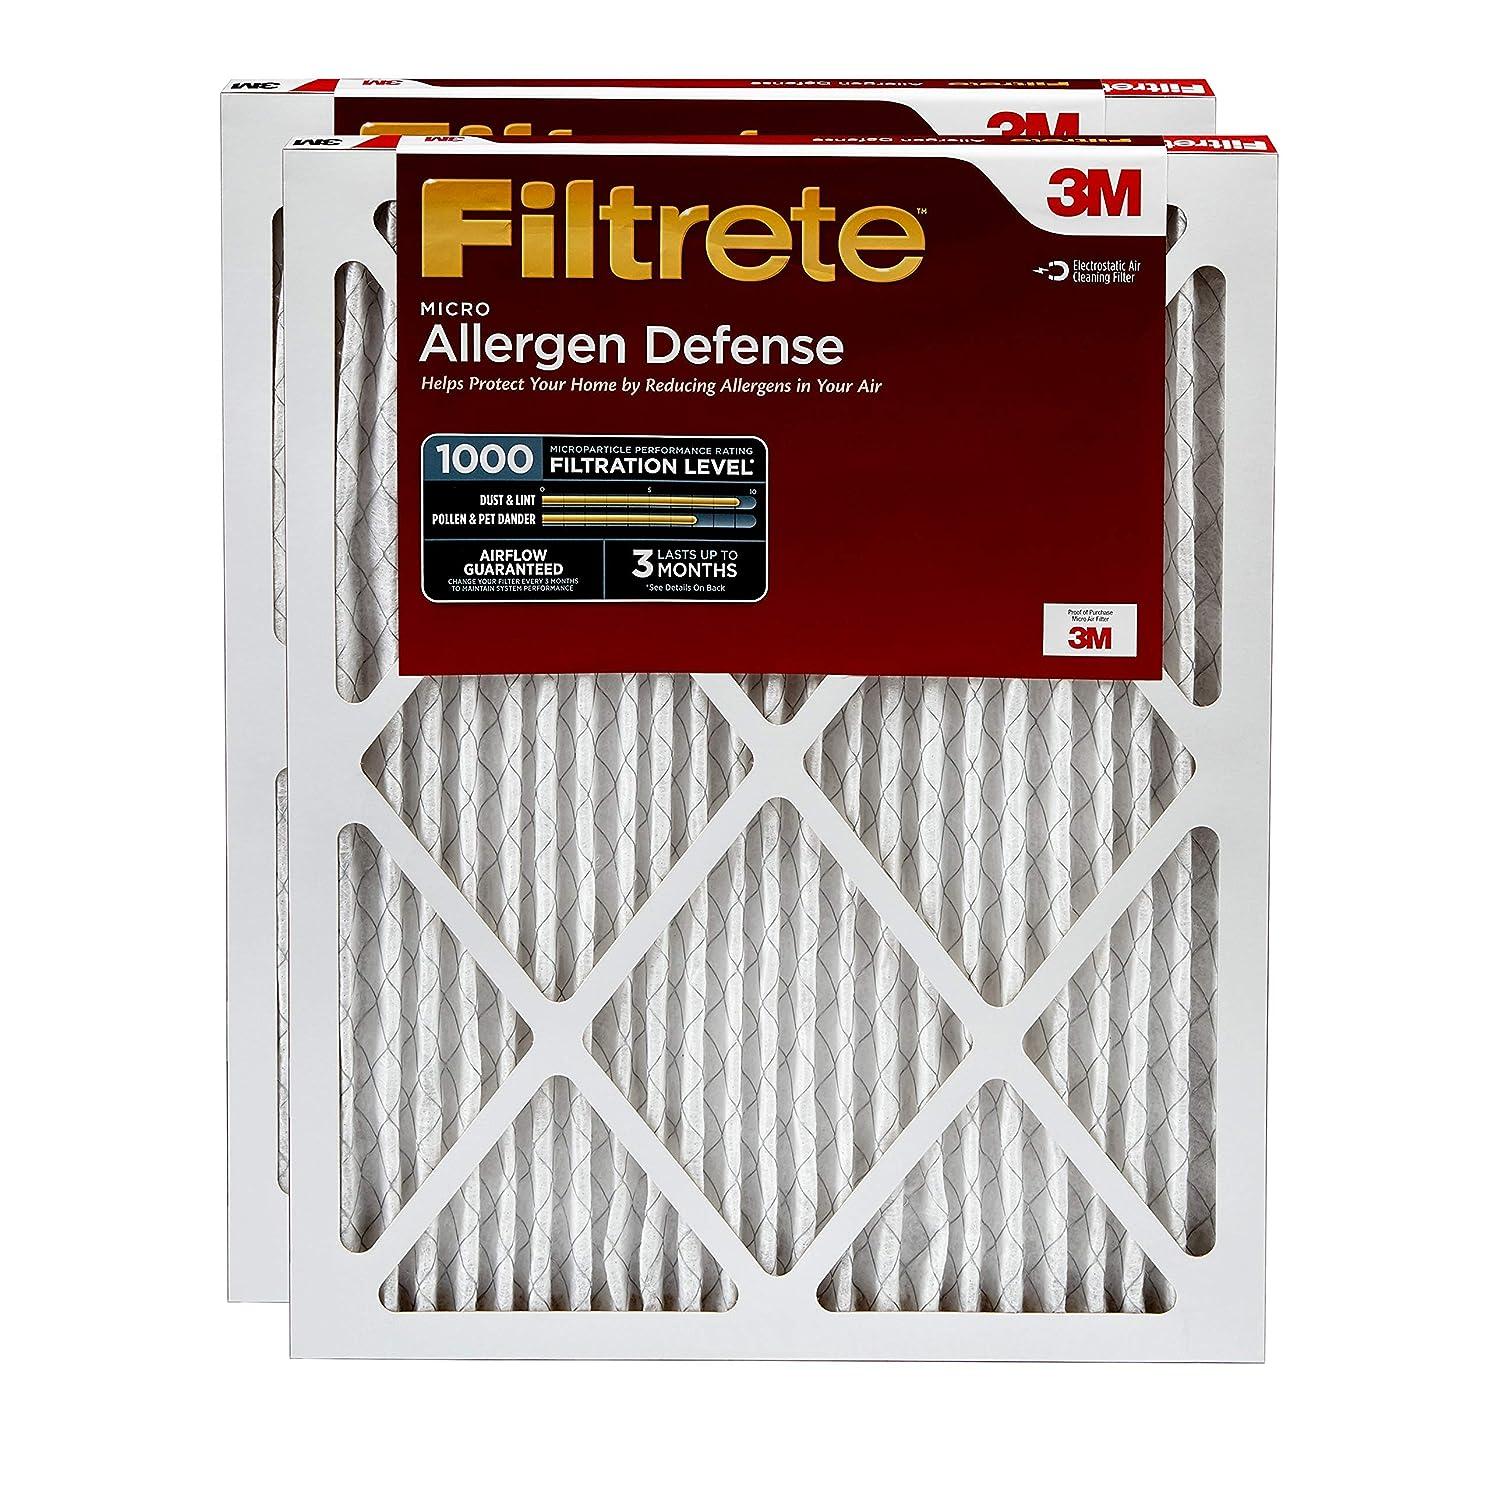 Filtrete 12x24x1, AC Furnace Air Filter, MPR 1000, Micro Allergen Defense, 2-Pack